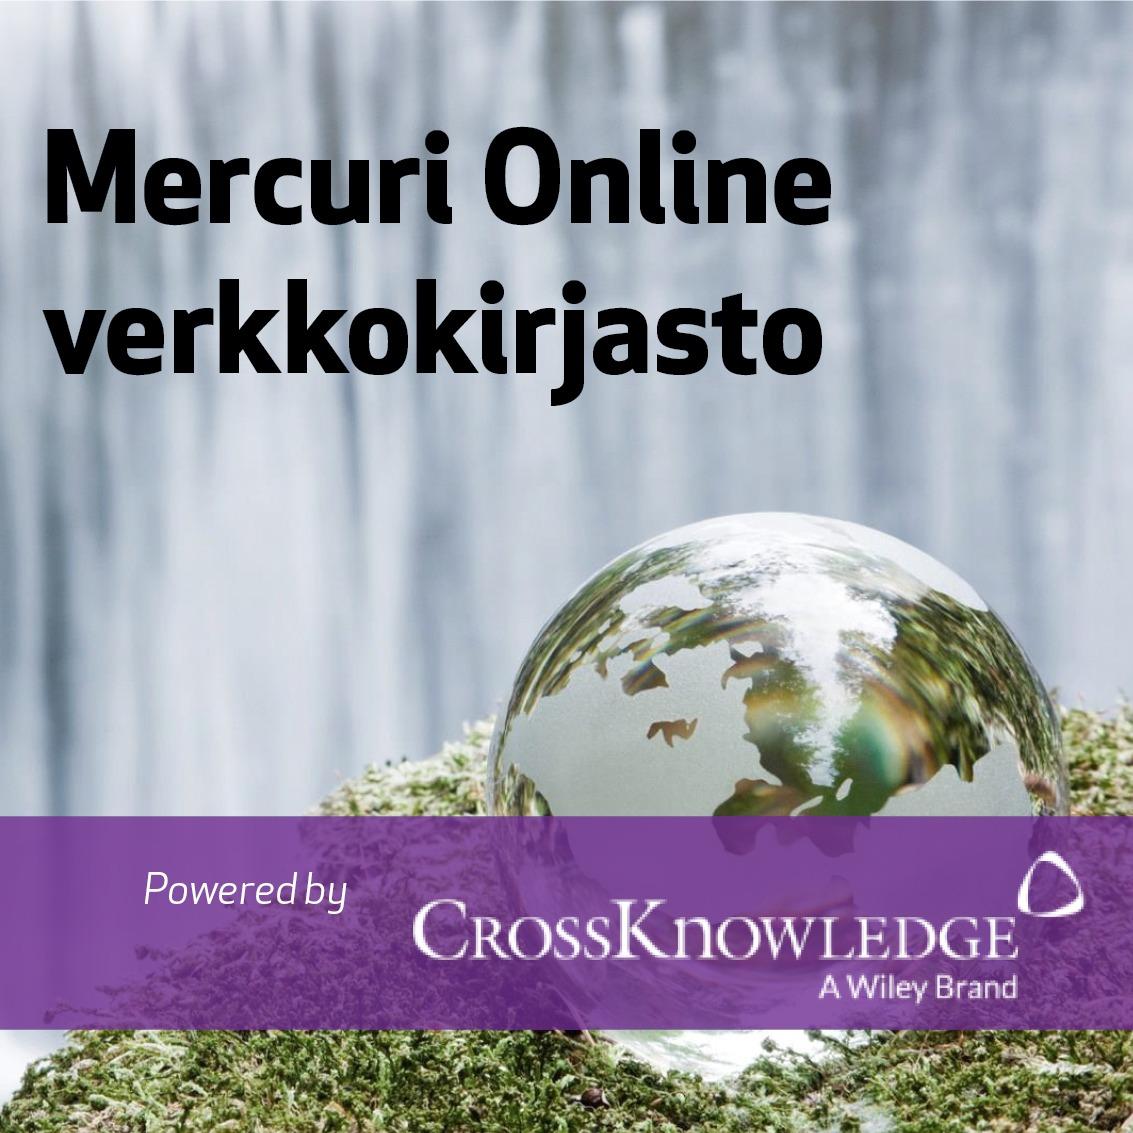 Mercuri Online verkkokirjasto